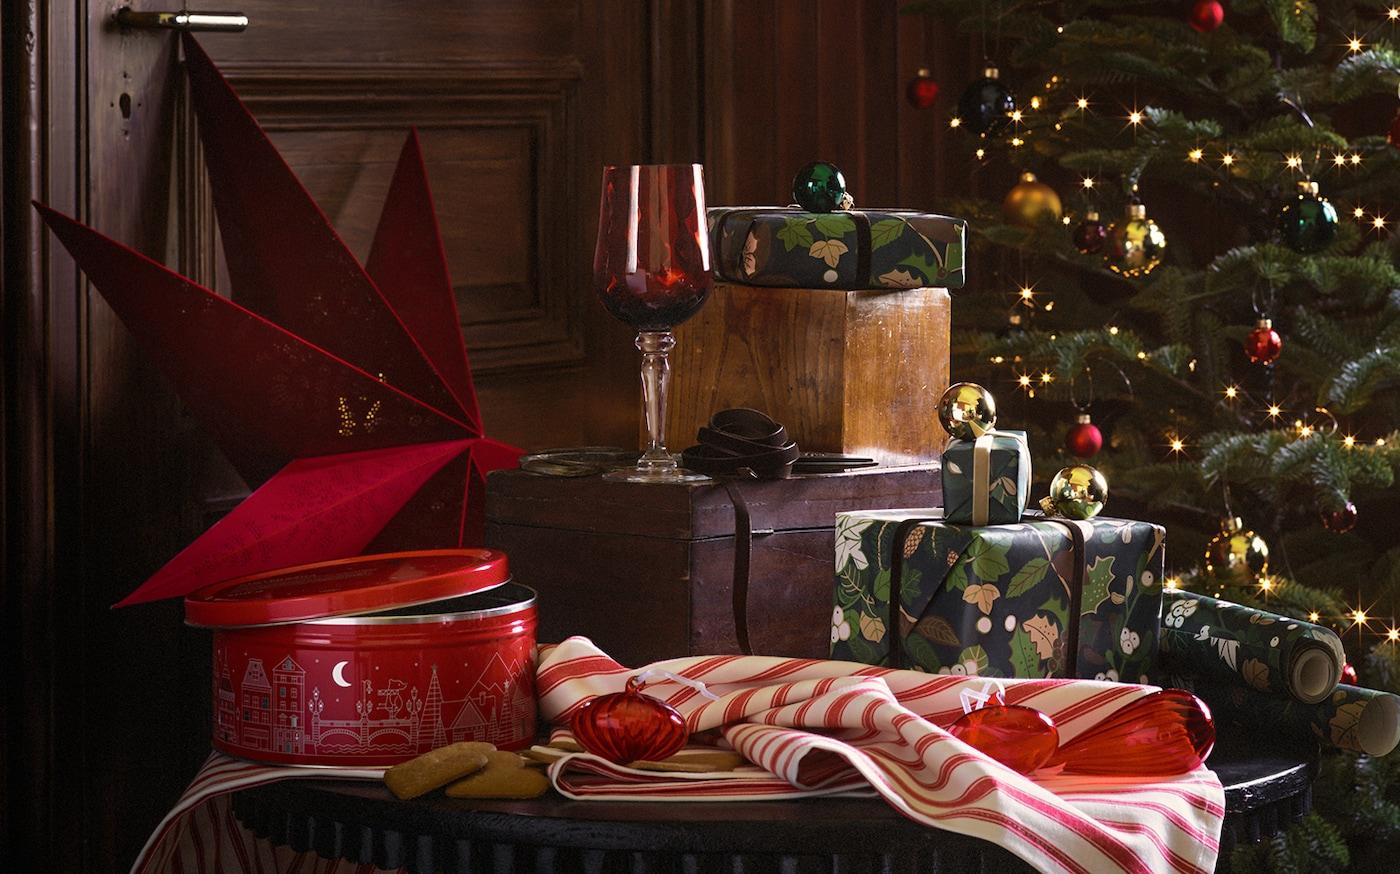 Idee Regali Di Natale A Basso Costo.Idee Regalo Per Natale Ikea It